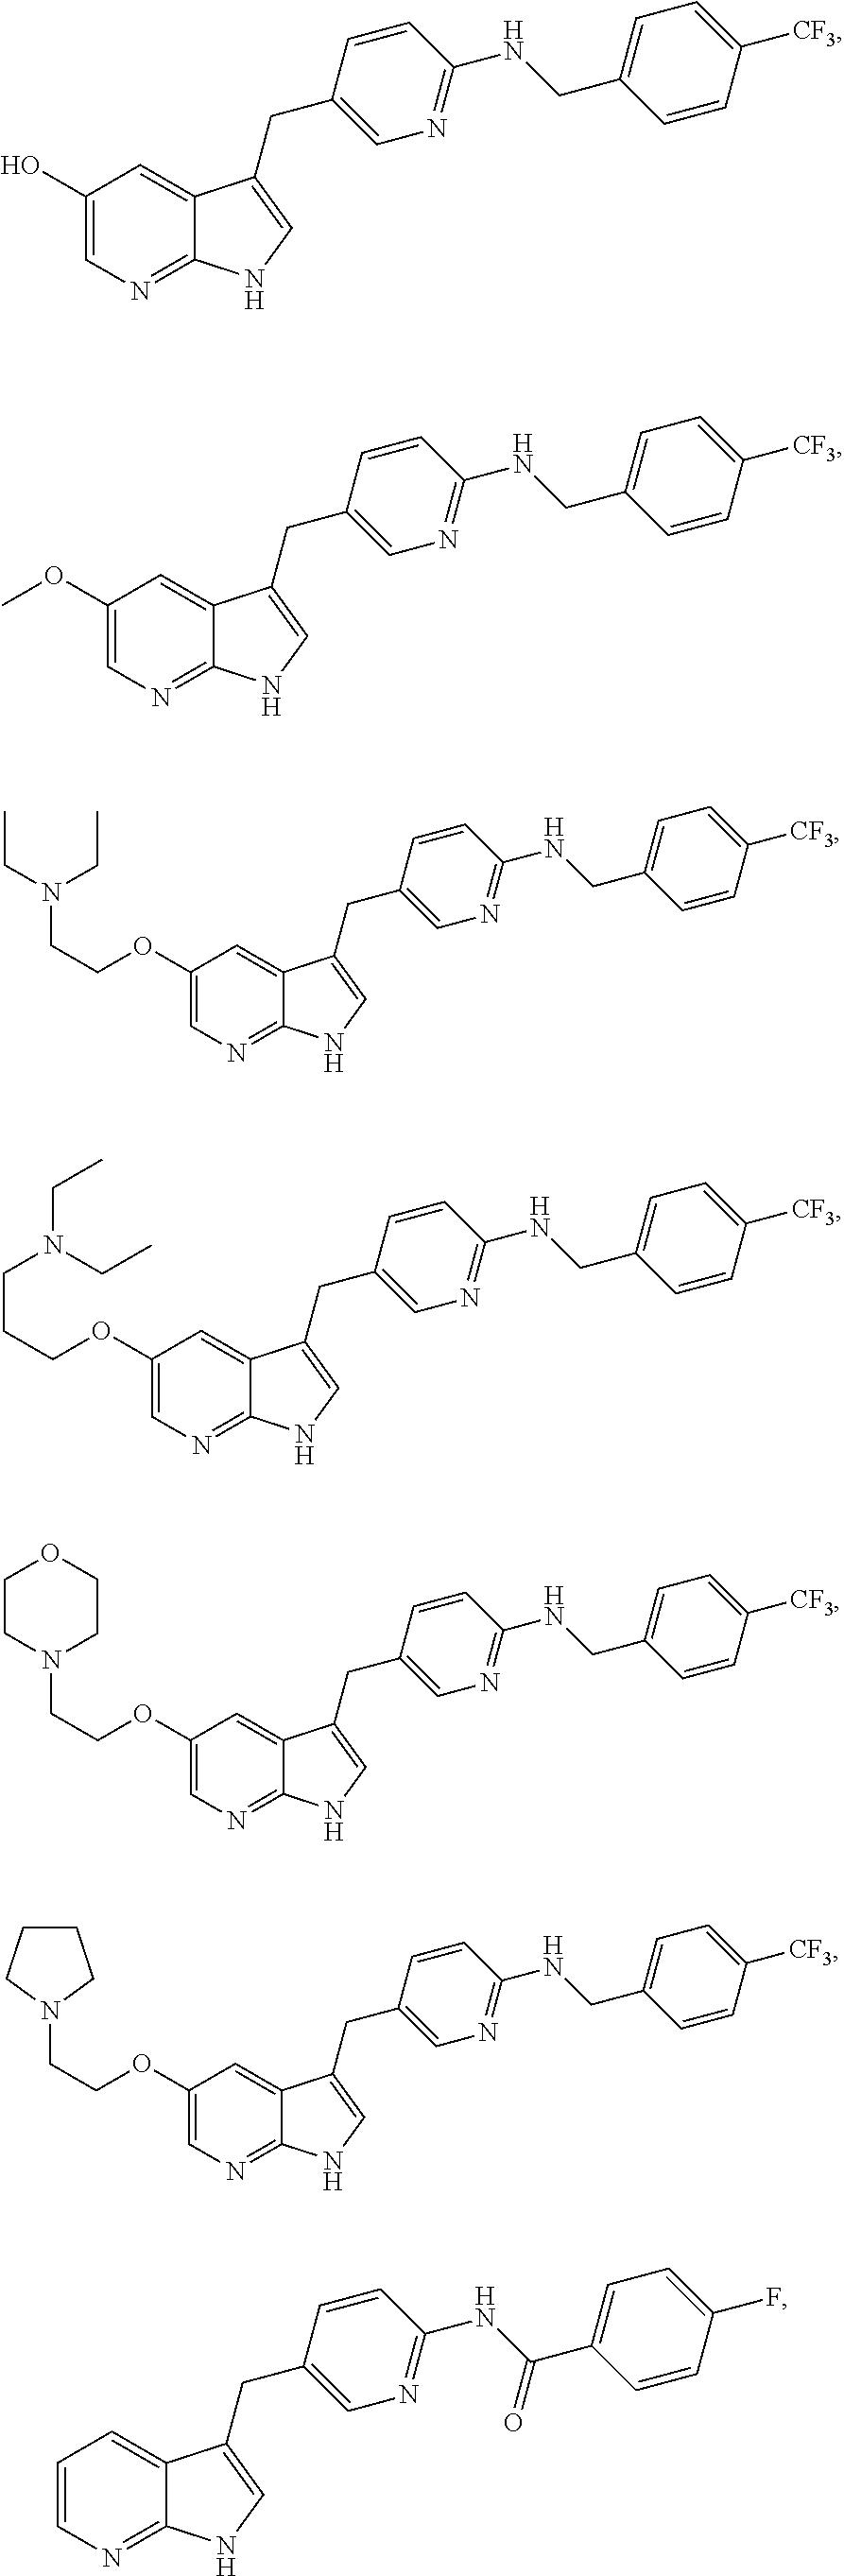 Figure US08404700-20130326-C00052